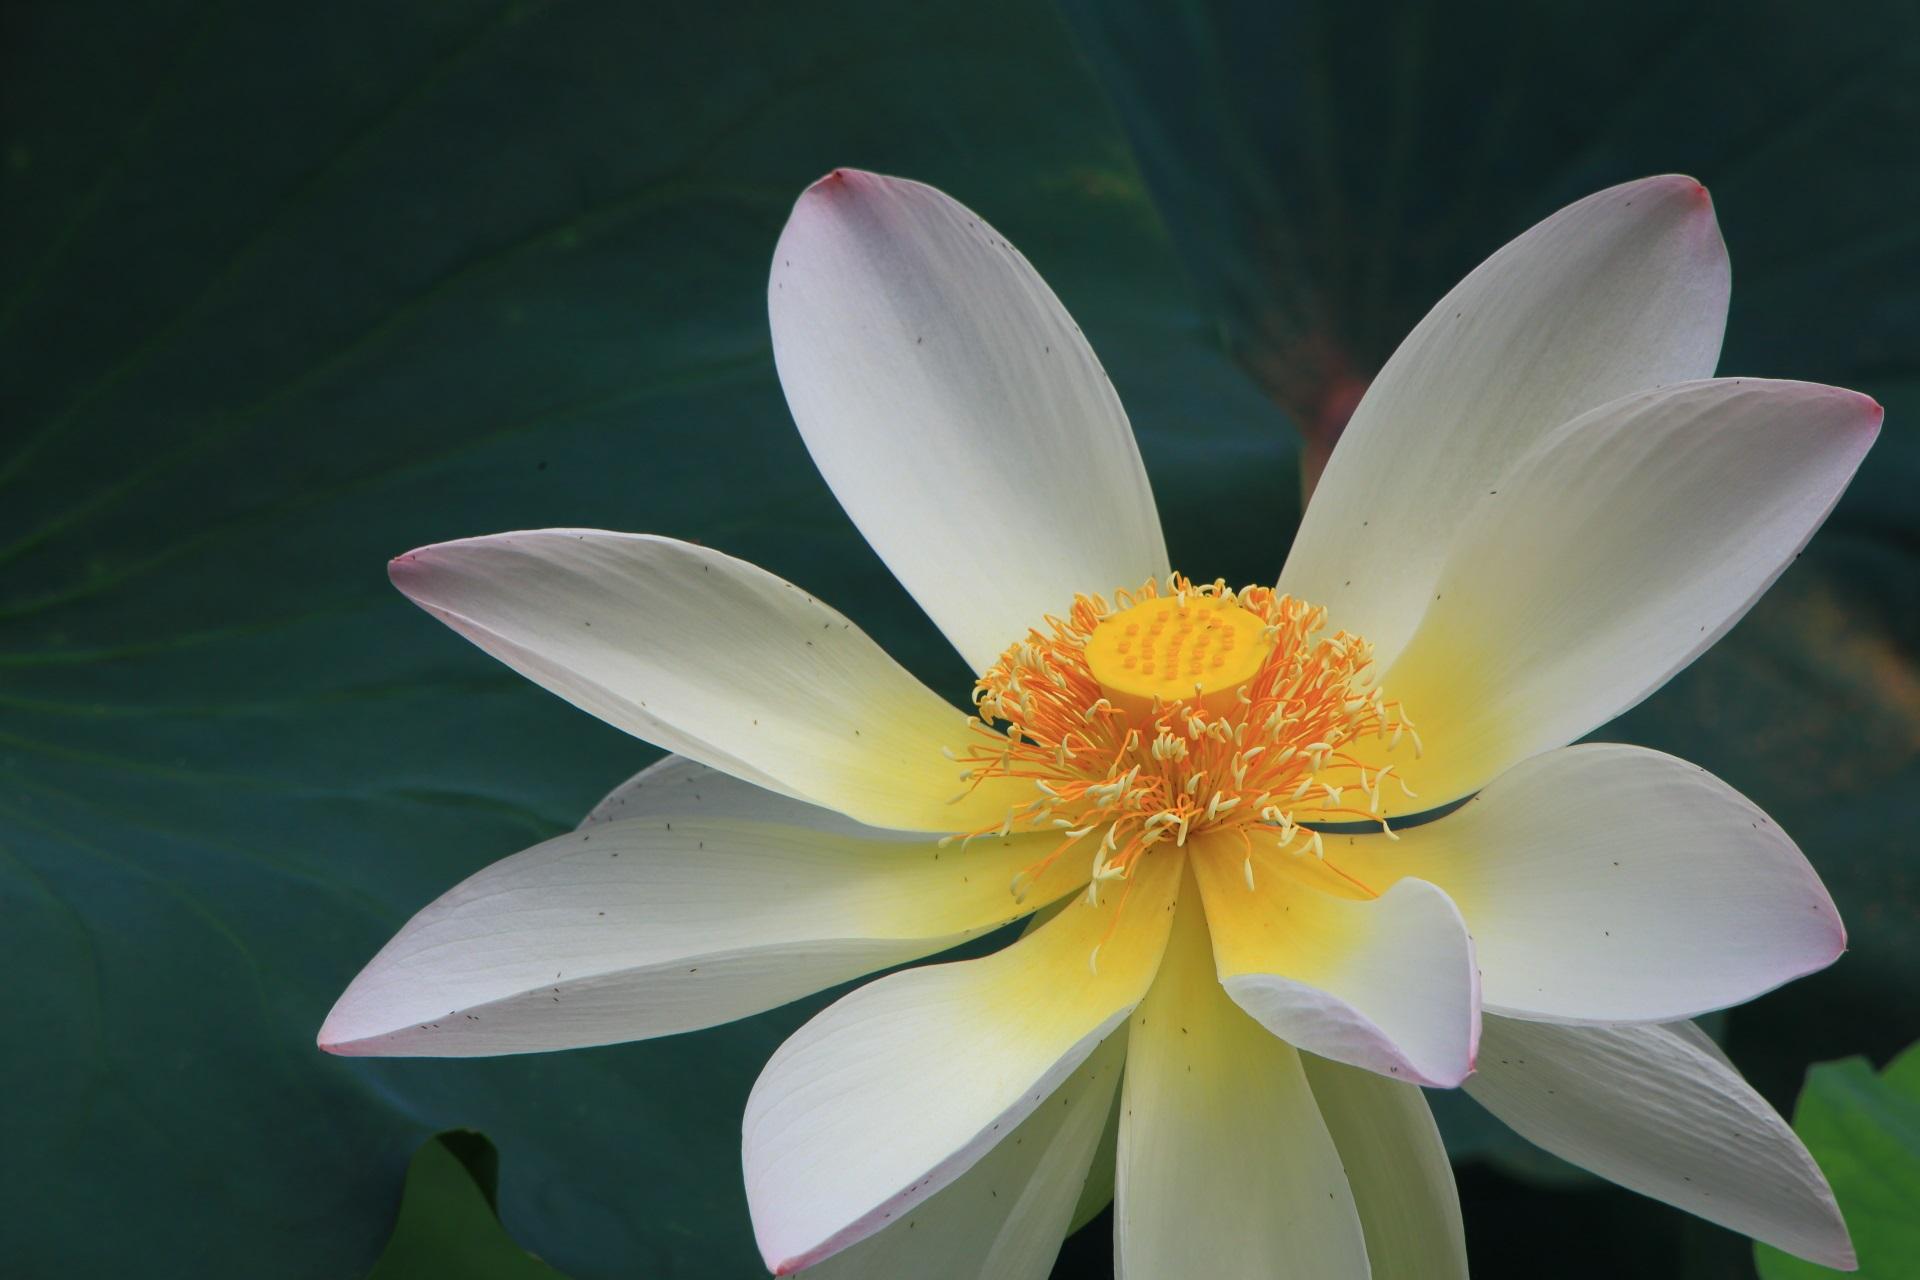 東本願寺の白く柔らかな色合いの蓮の花